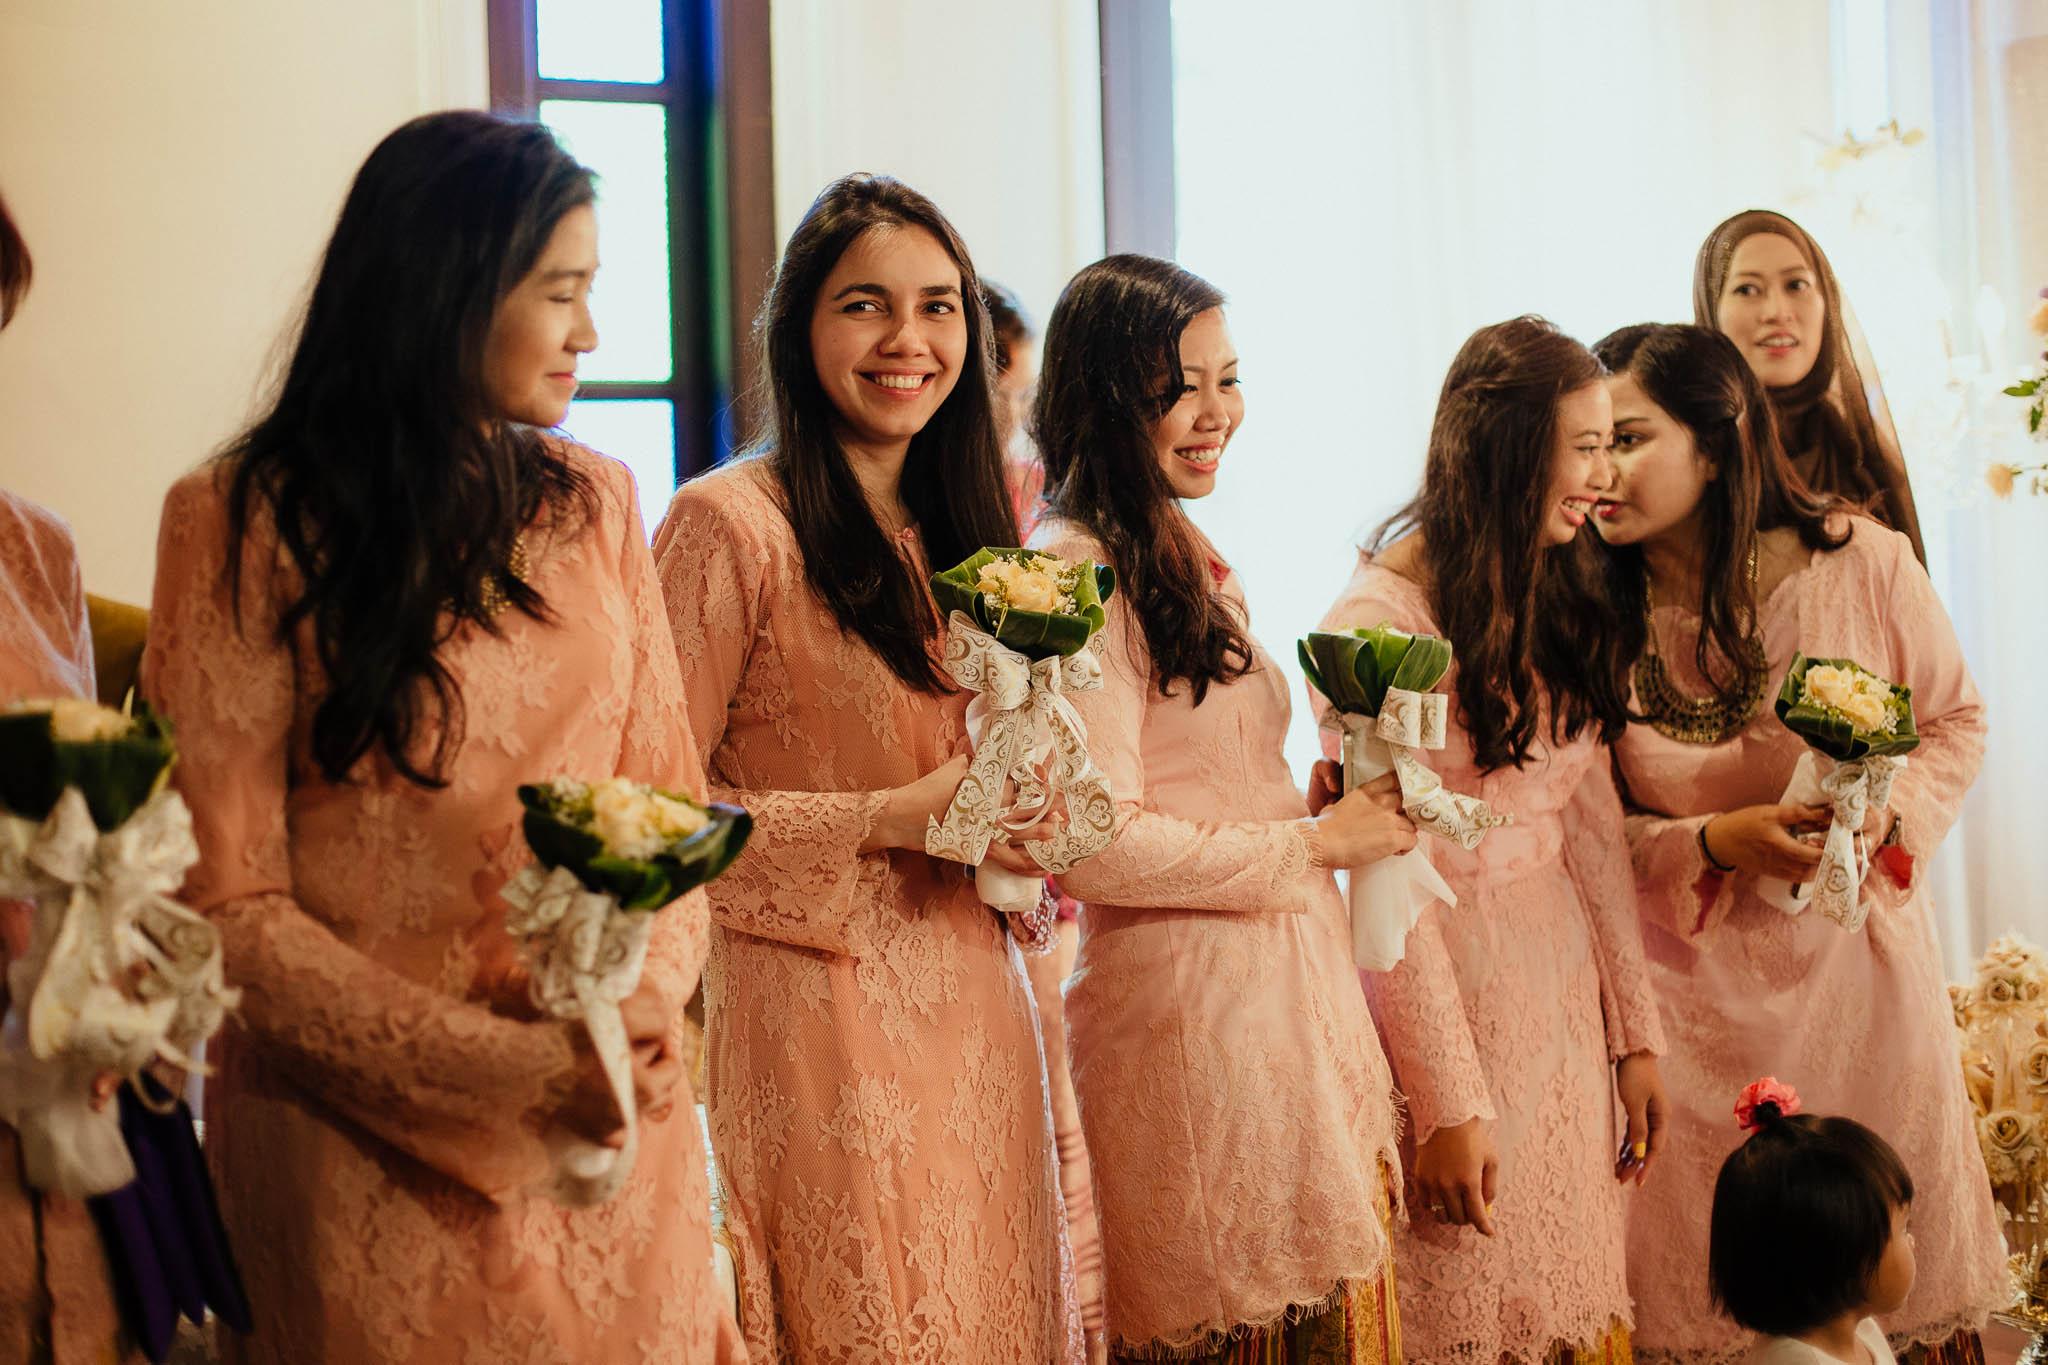 singapore-wedding-photographer-travel-wemadethese-atara-hafizah-59.jpg